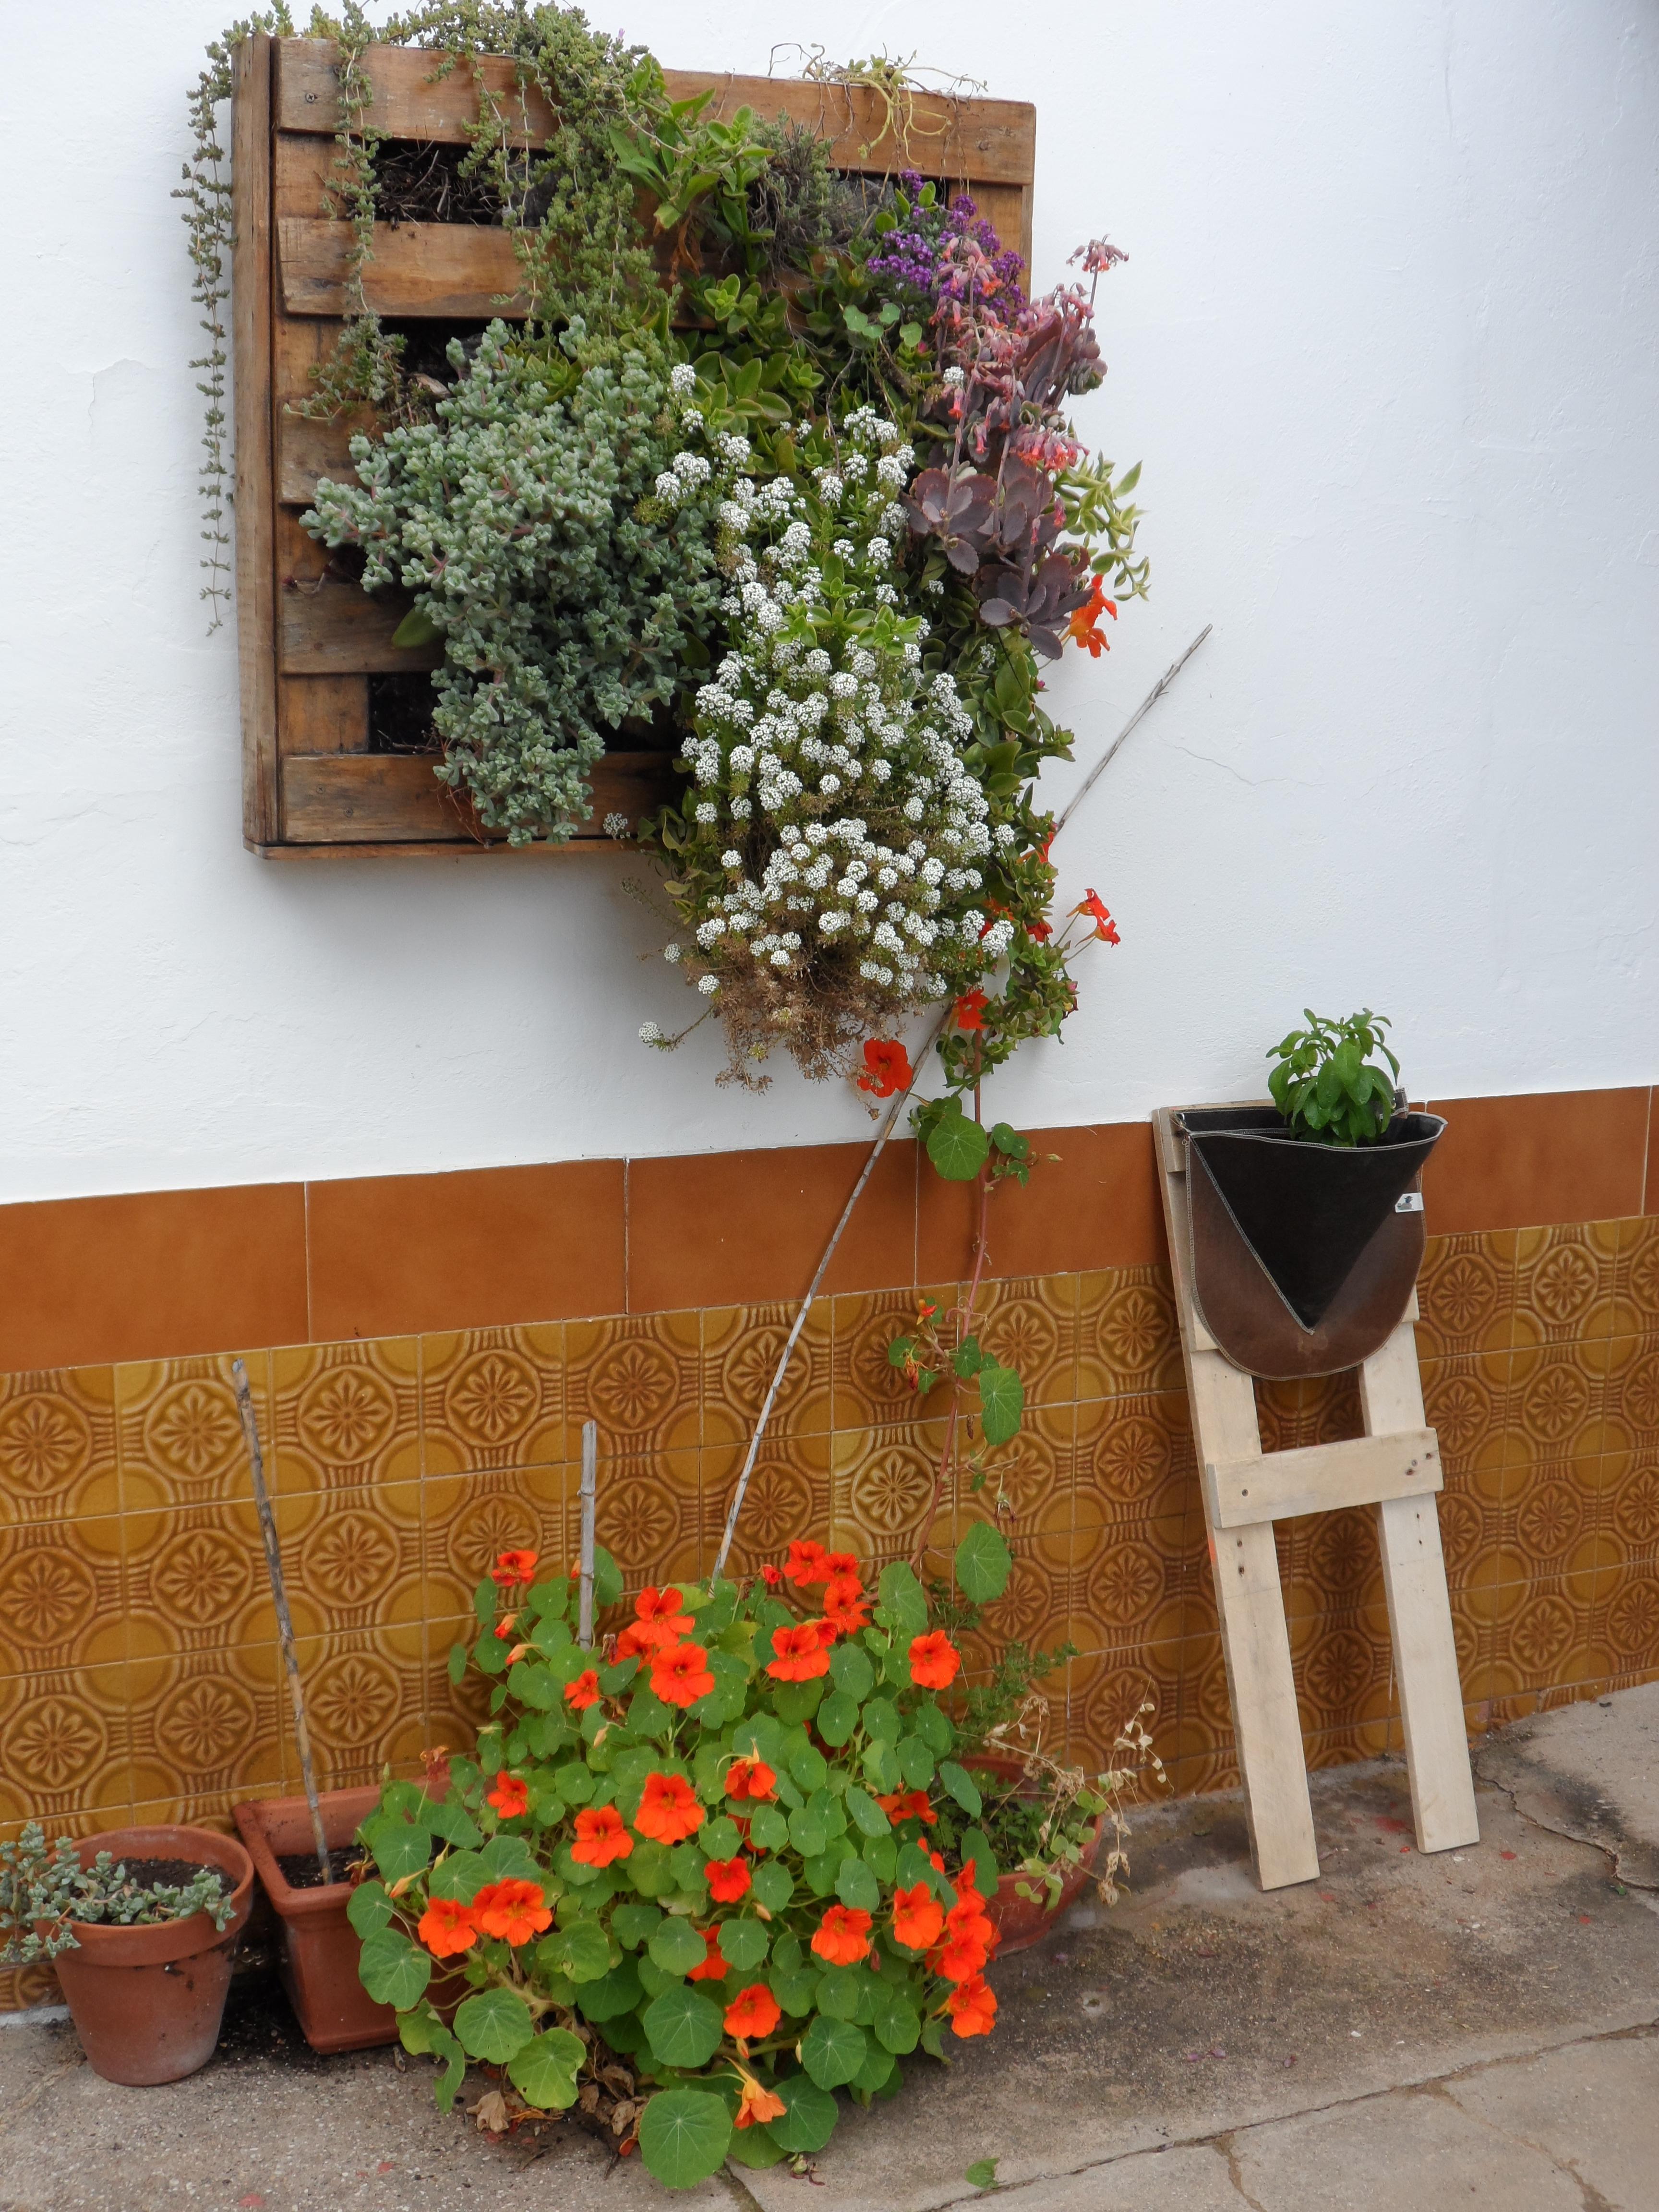 Deco palets espacio de cultivo urbano piperrak - Jardineras con plantas ...